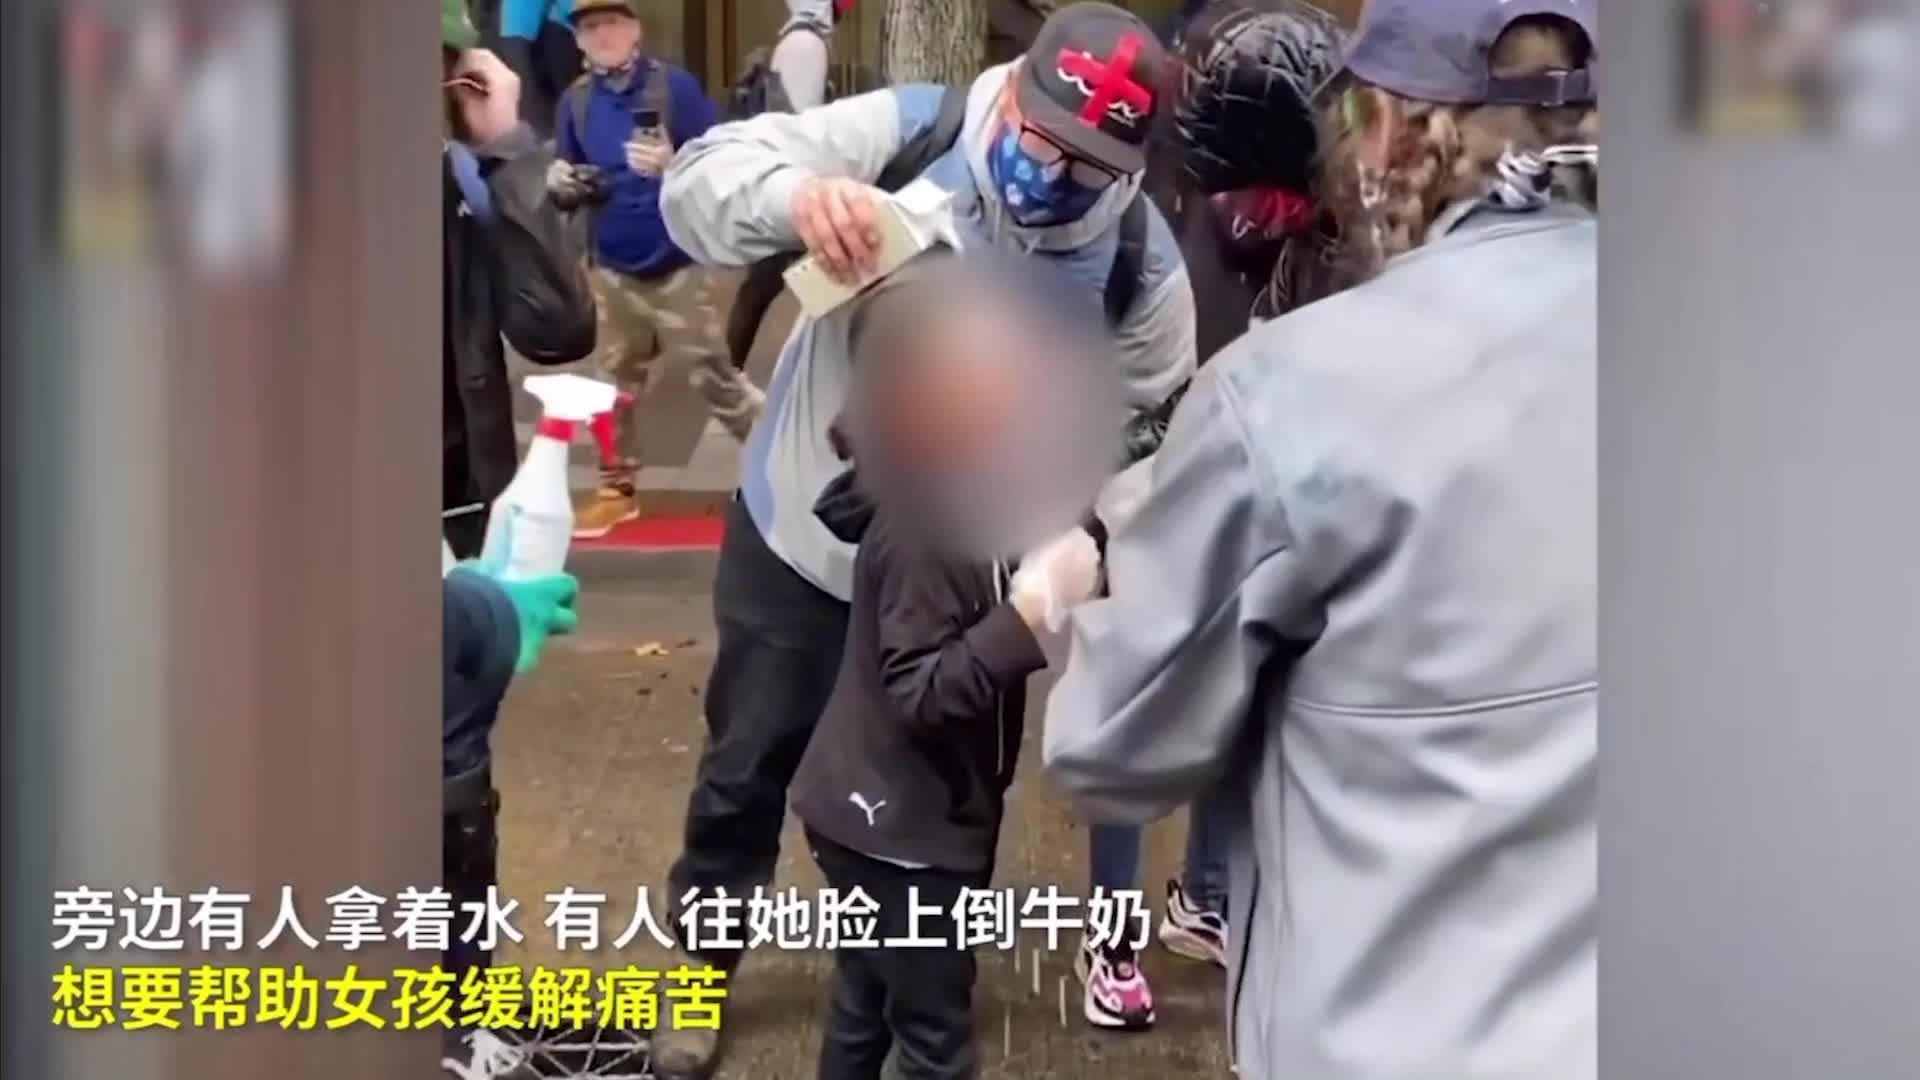 美国警察击穿2个文明底线:辣椒水喷小女孩,把拄拐老人推嘴啃泥安卓版